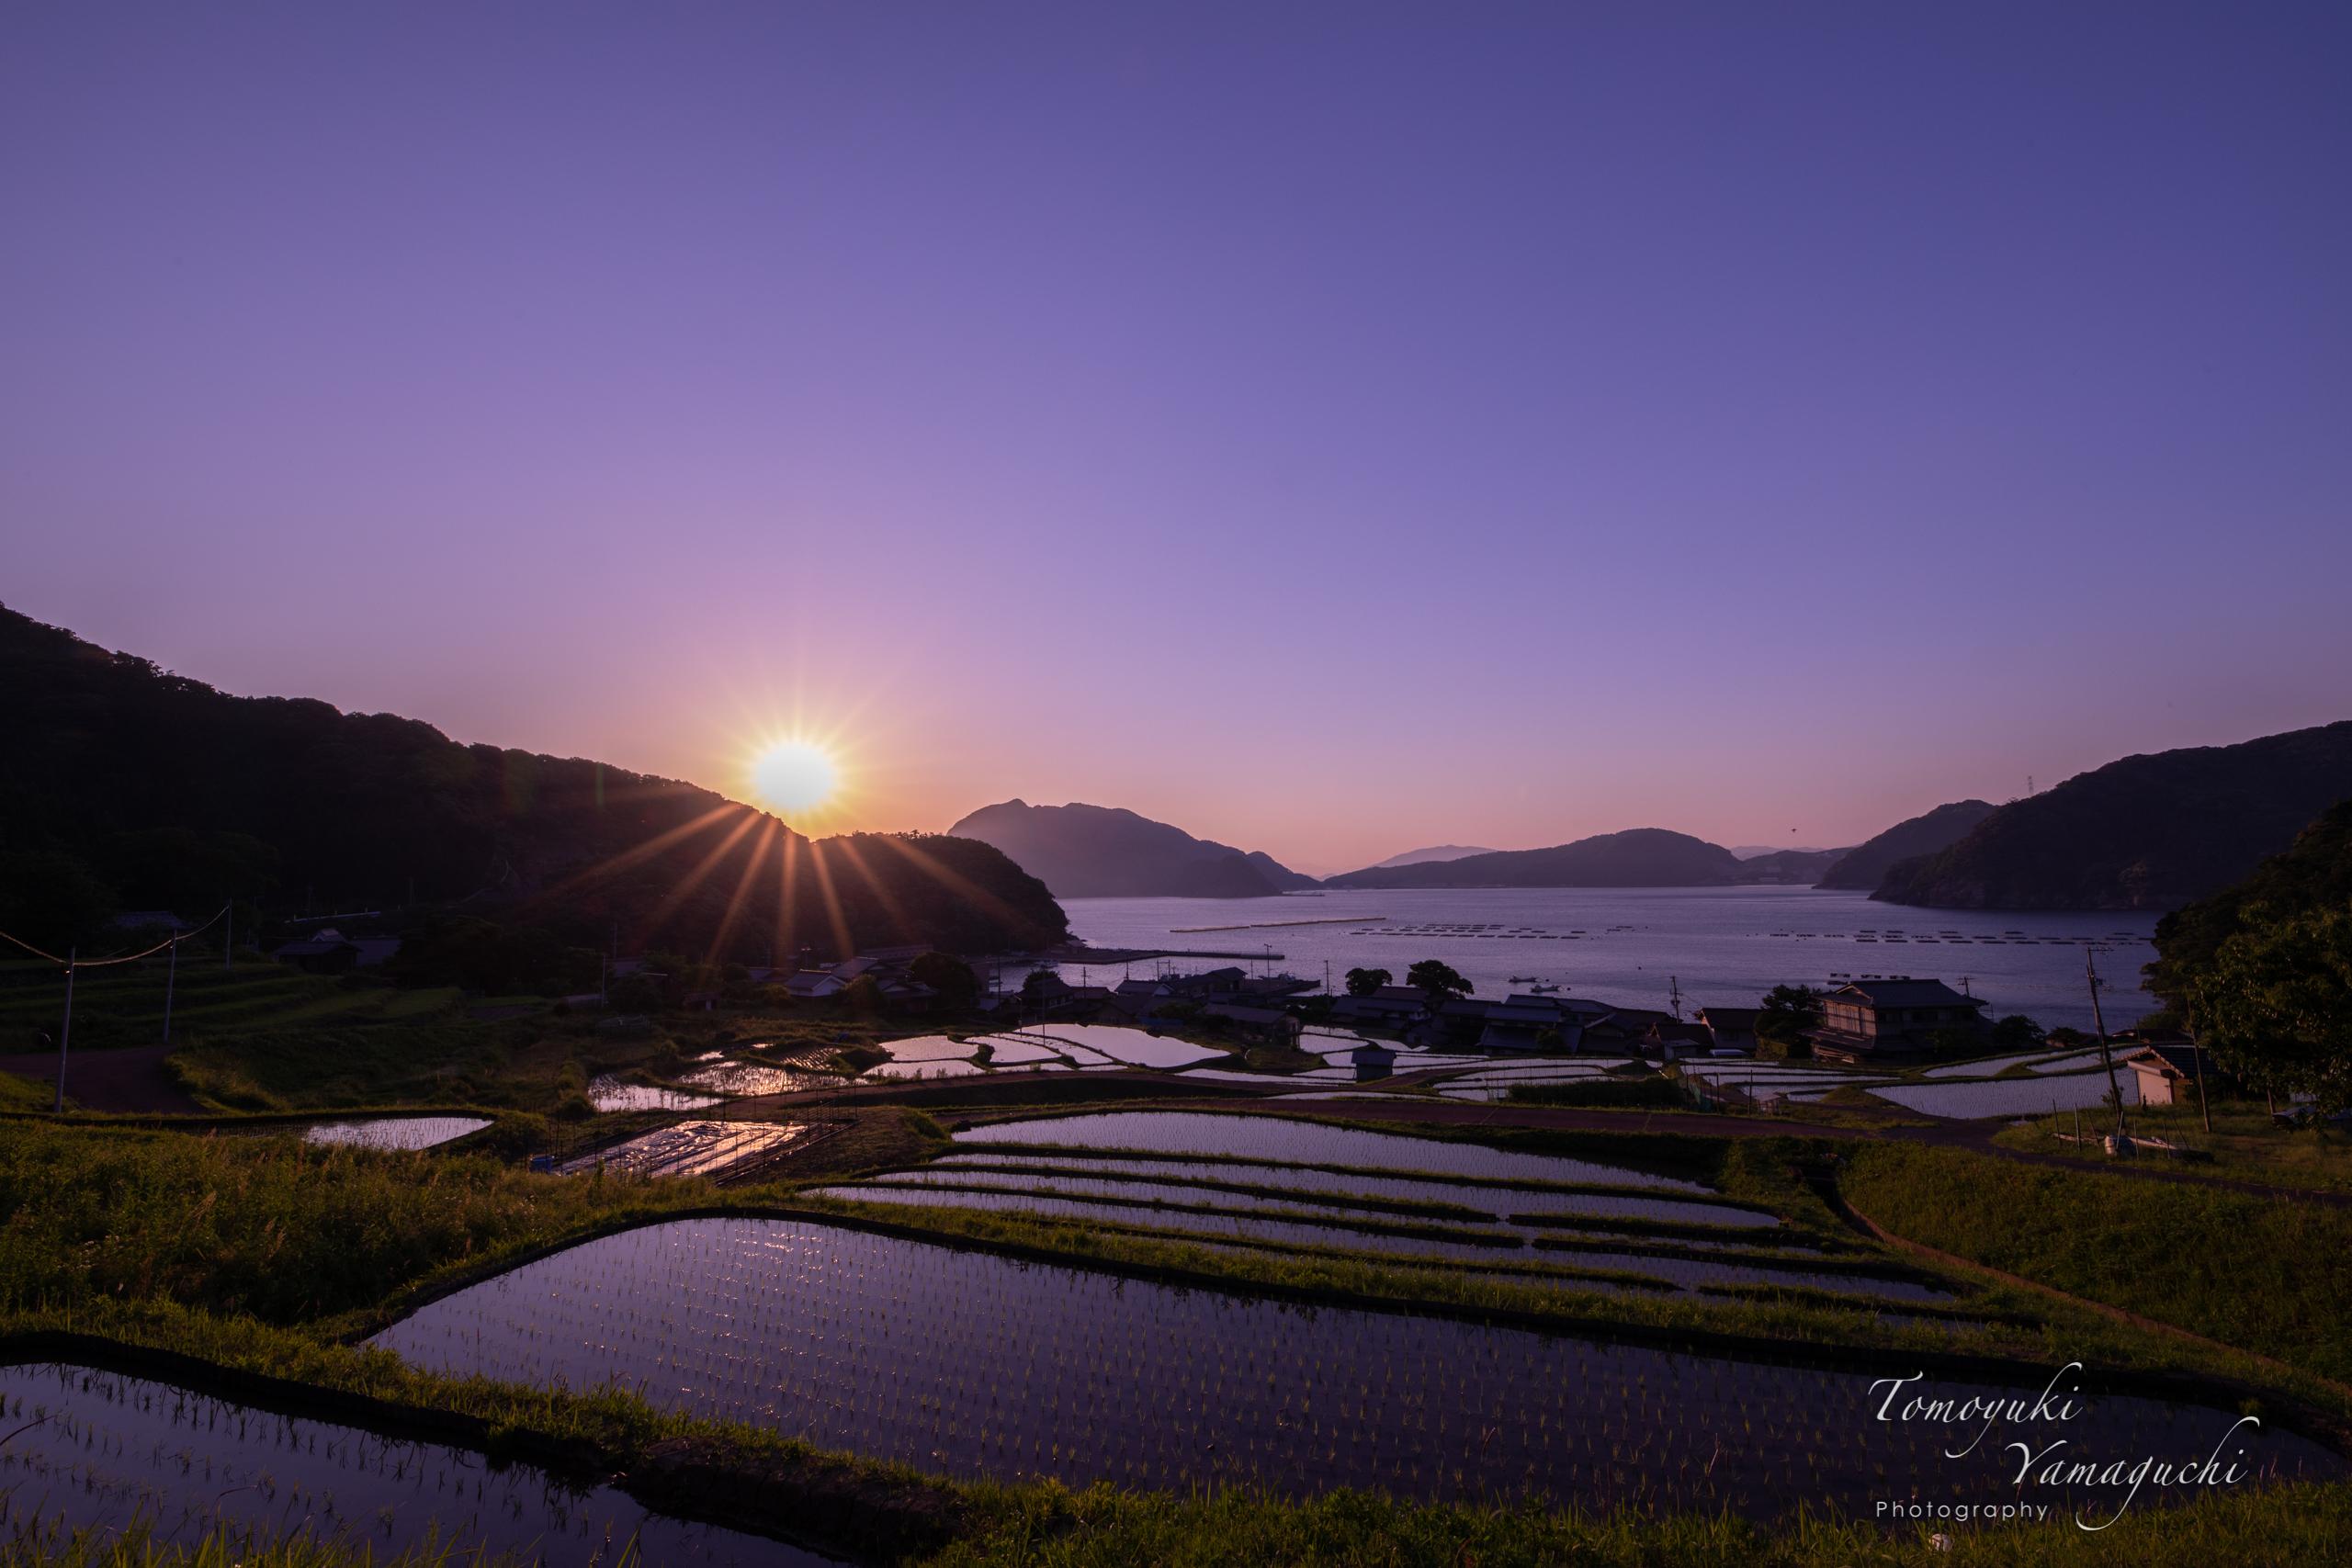 海沿いの棚田で日の出風景の撮影〜『日引きの棚田』〜